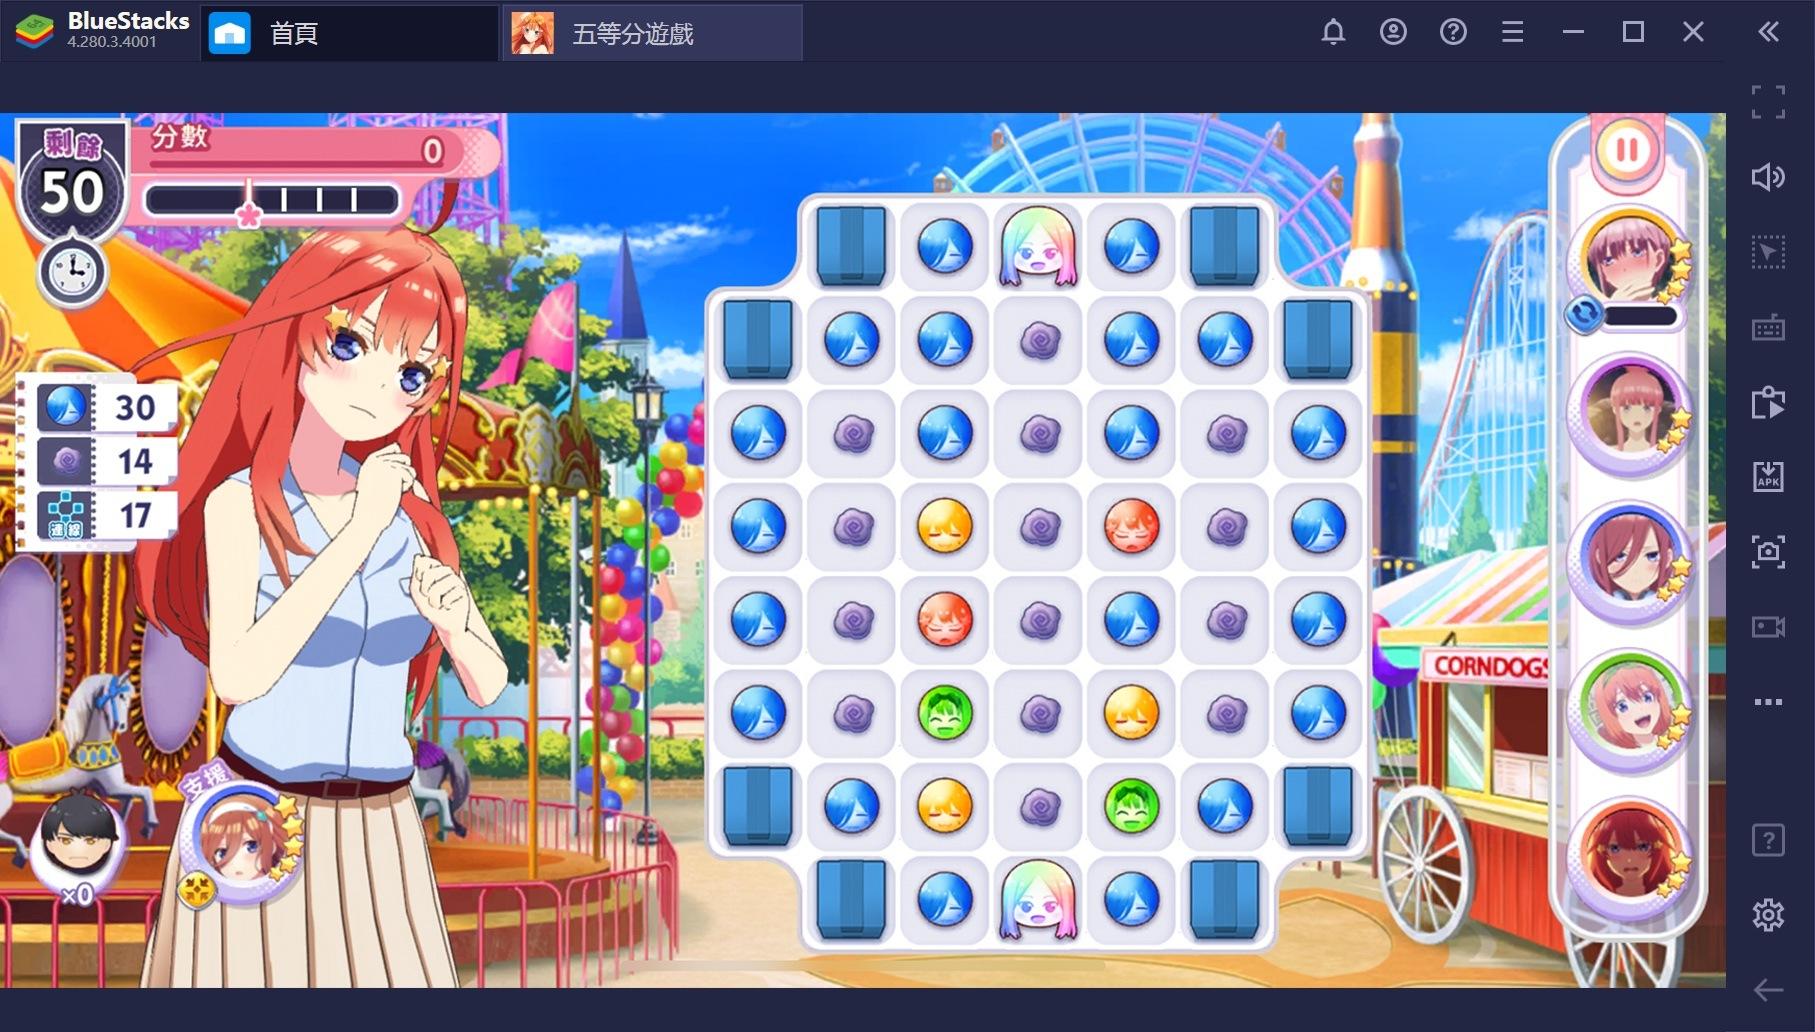 如何用BlueStacks在PC上玩動畫益智手遊《五等分的新娘 五胞胎無法將消除遊戲分成五等分》